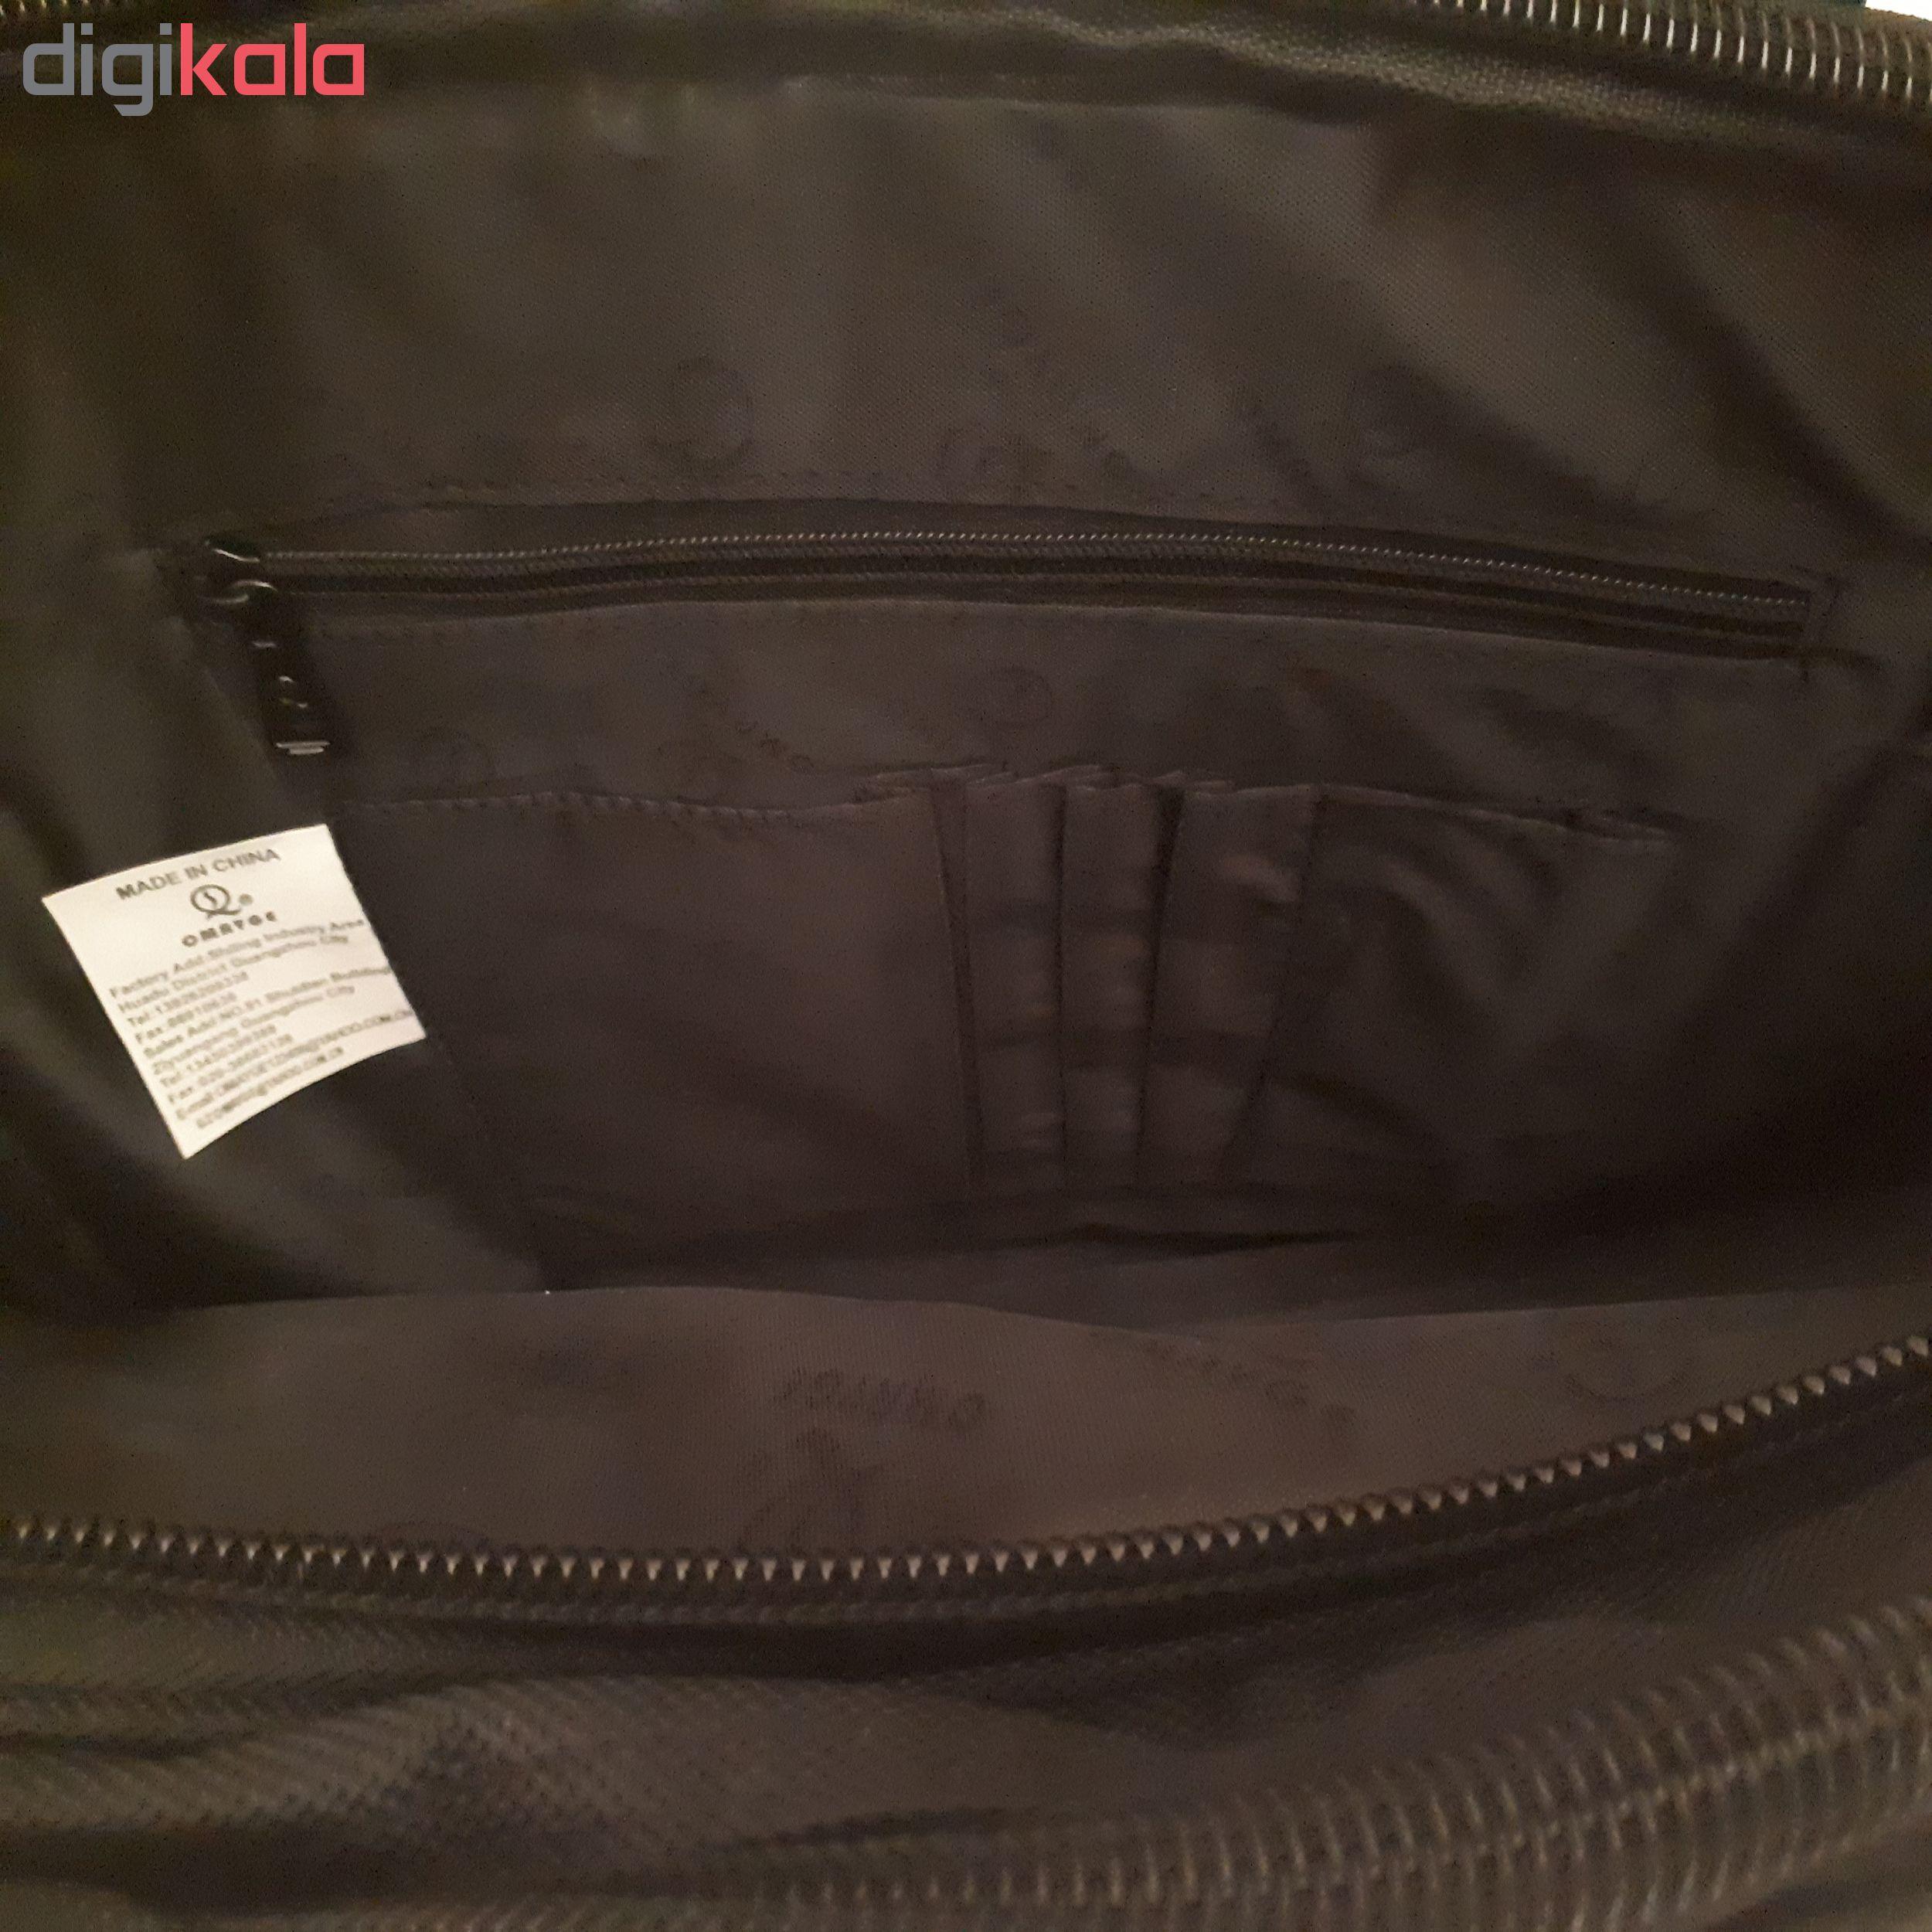 کیف لپ تاپ اومیج مدل SA101 مناسب برای لپ تاپ 15.6 اینچی